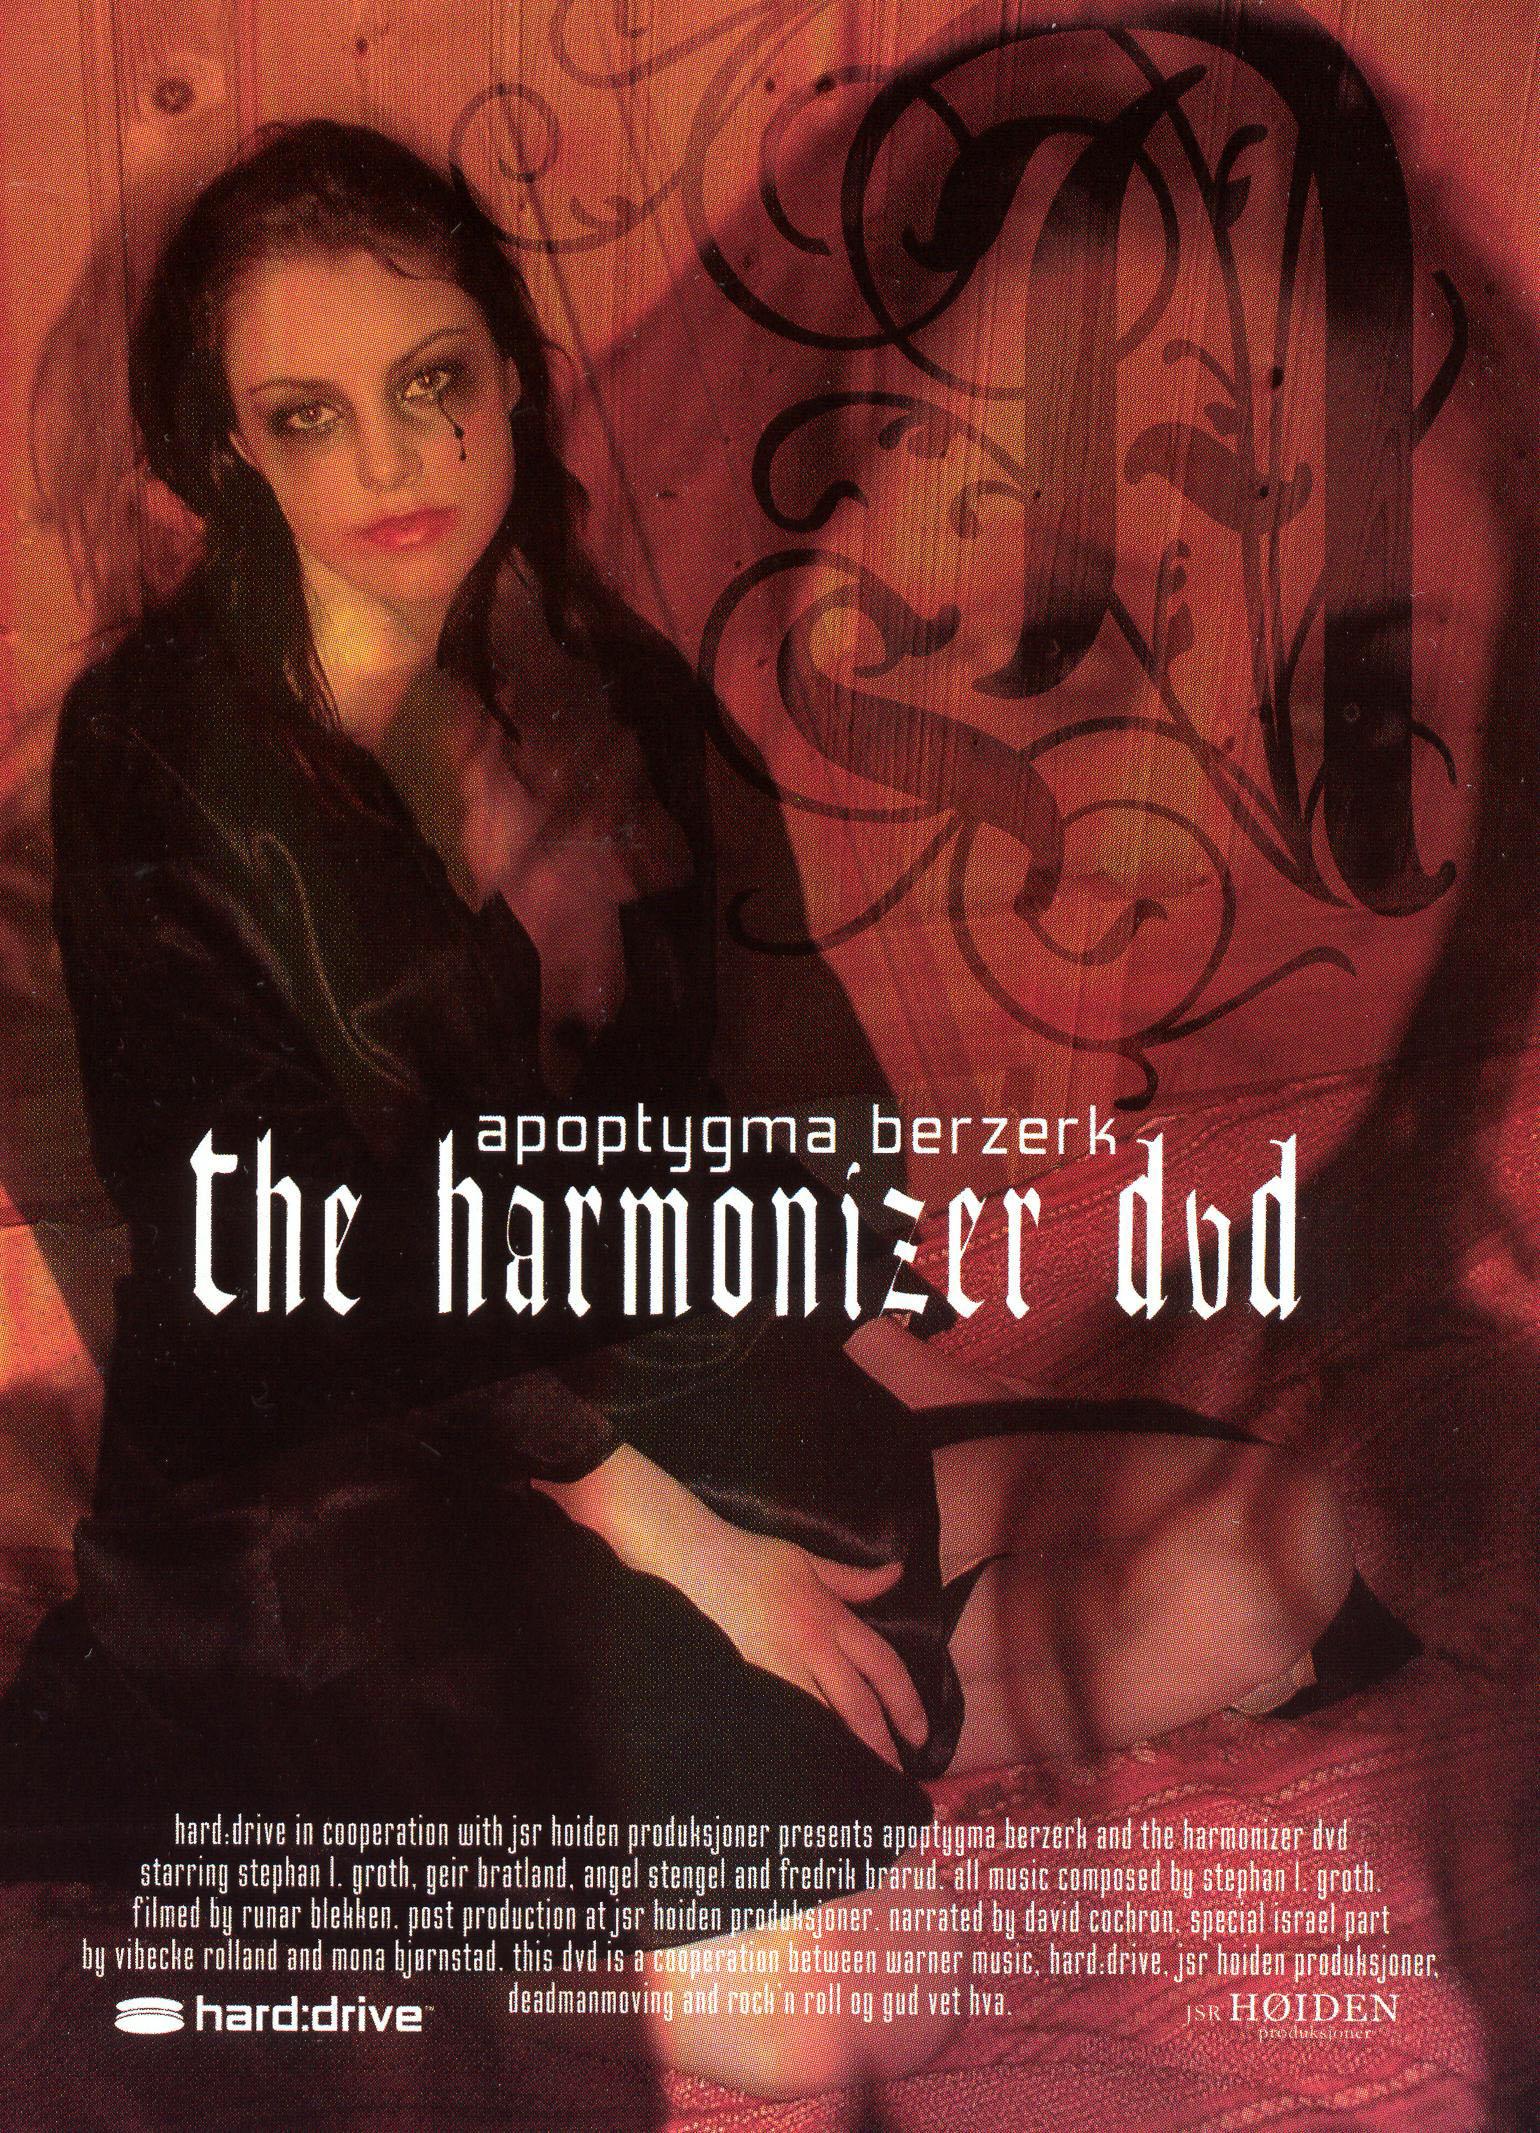 Apoptygma Berzerk: The Harmonizer